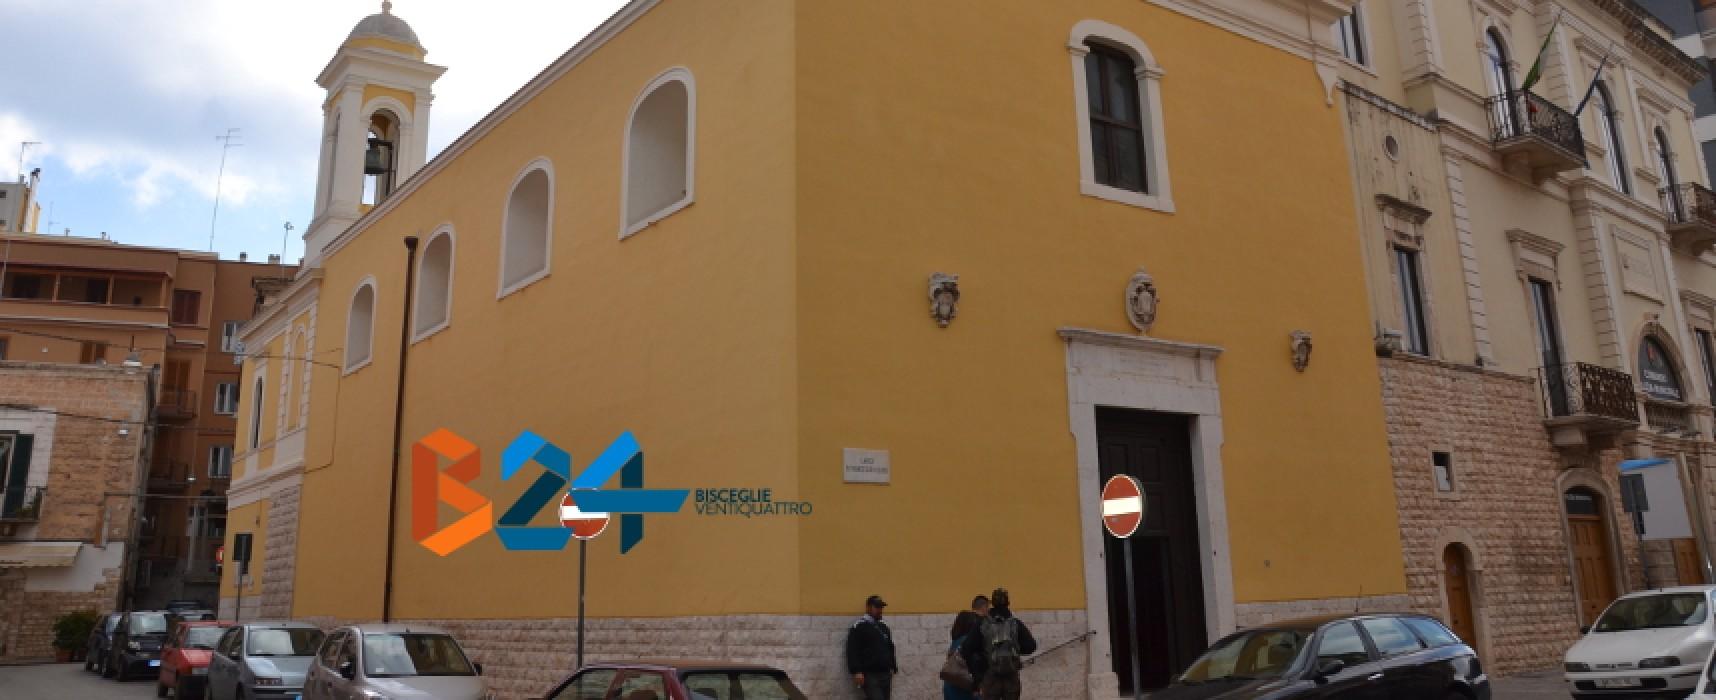 Atti di vandalismo alla Madonna di Passavia, la denuncia di don Franco Lorusso